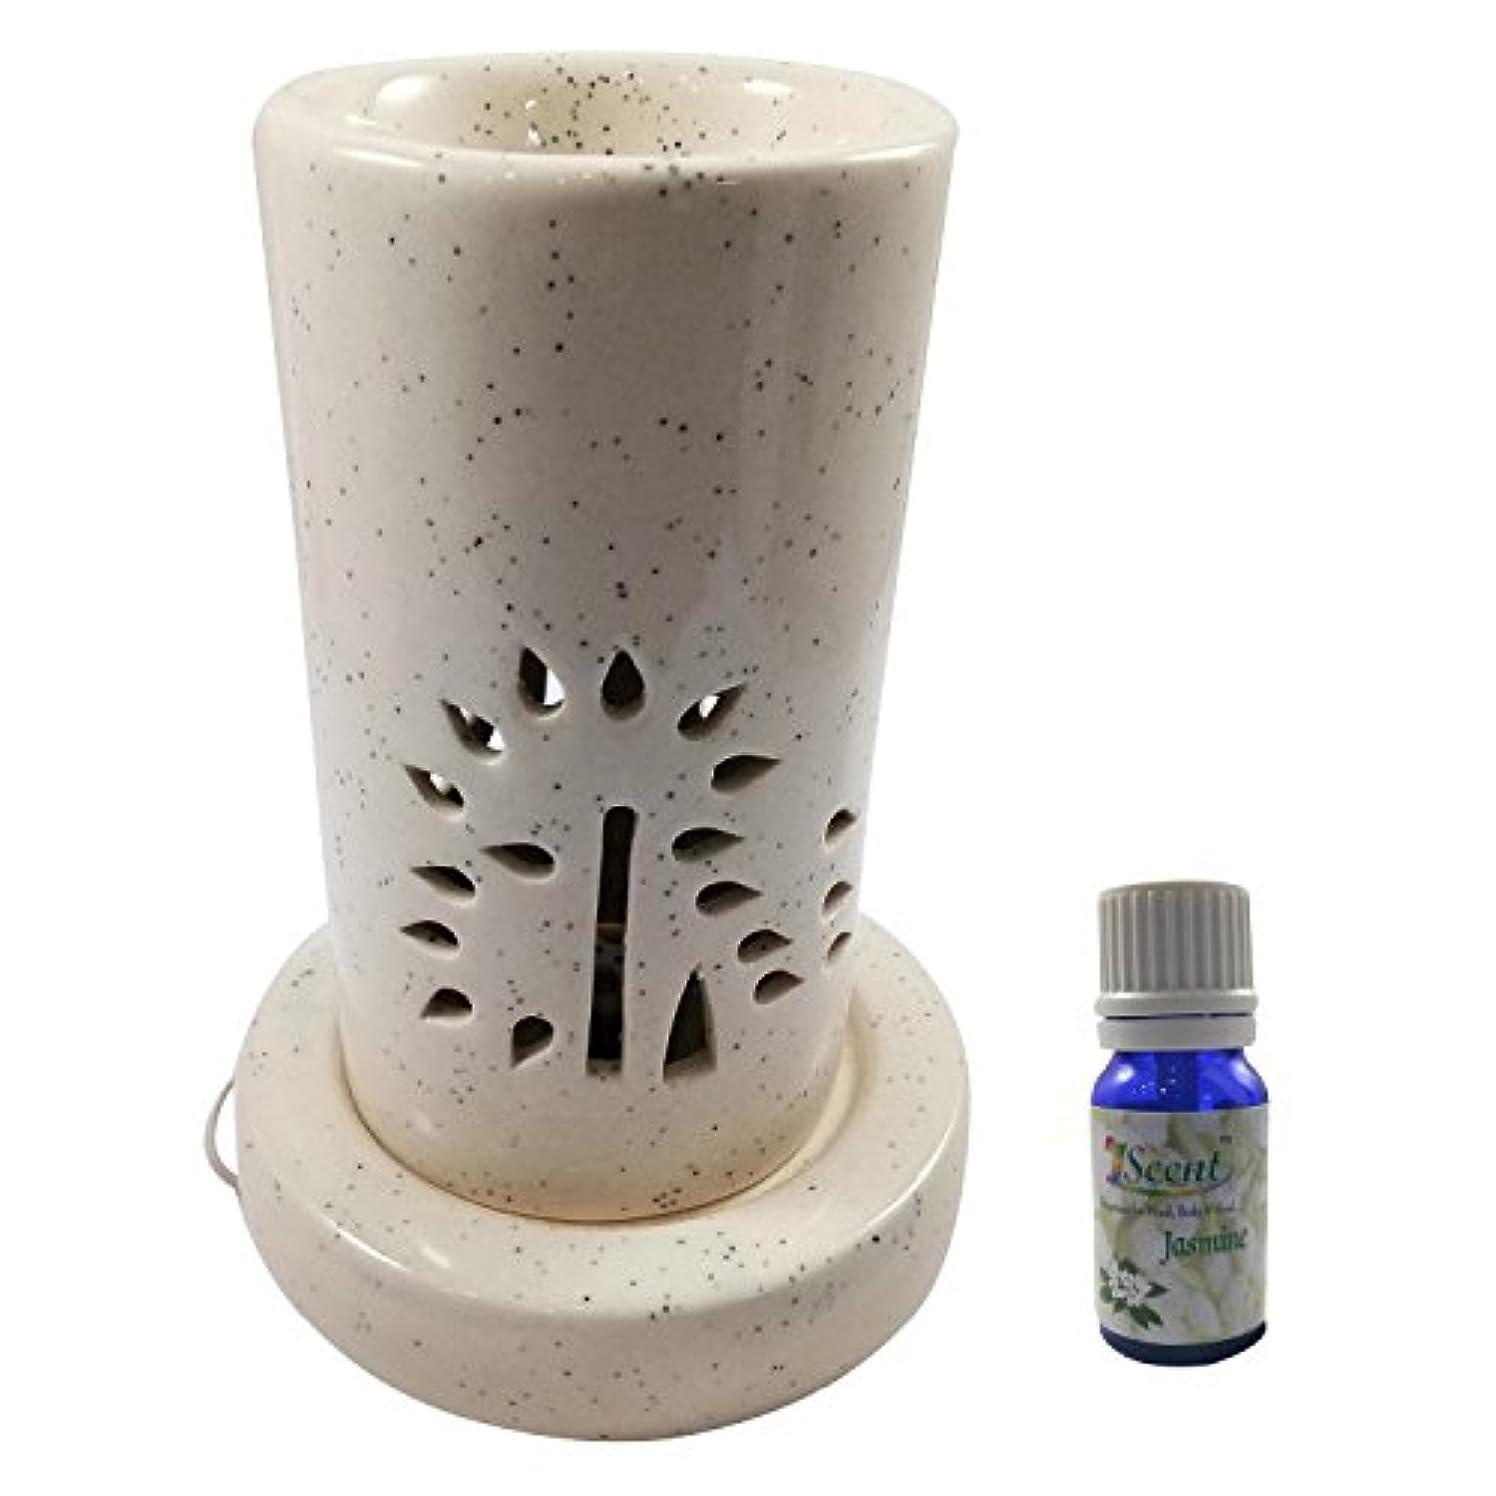 テスピアンたまに儀式ホームデコレーション定期的に使用する汚染フリーハンドメイドセラミックエスニックサンダルウッドフレグランスオイルとアロマディフューザーオイルバーナー良質ブラウン色電気アロマテラピー香油暖かい数量1